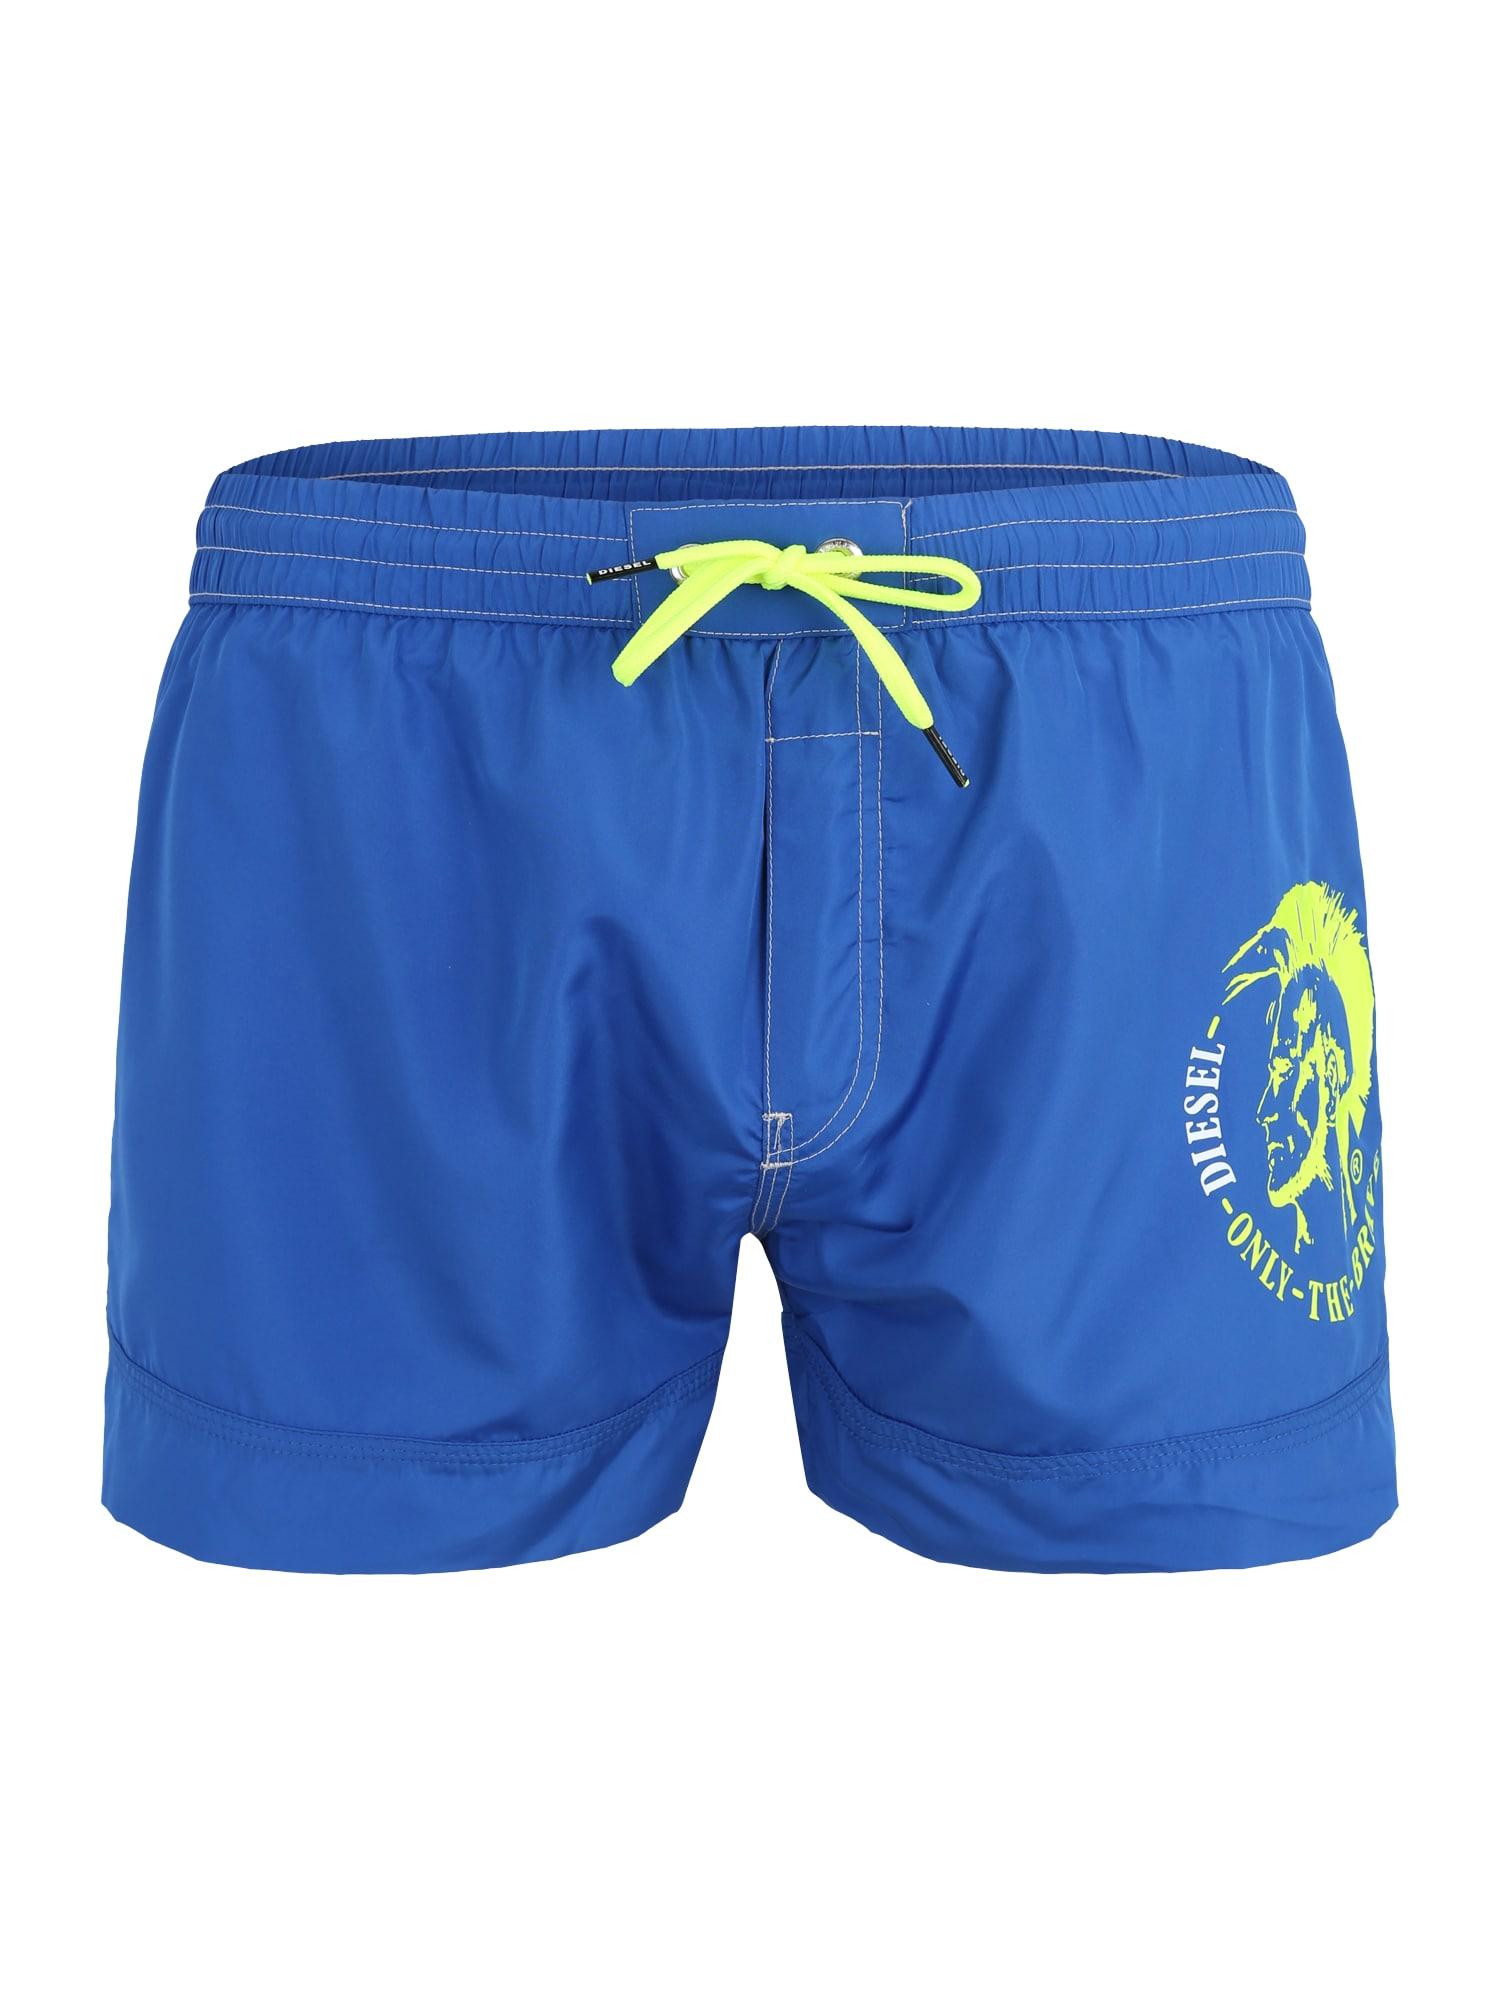 Plavecké šortky BMBX-SANDY  královská modrá  svítivě žlutá DIESEL